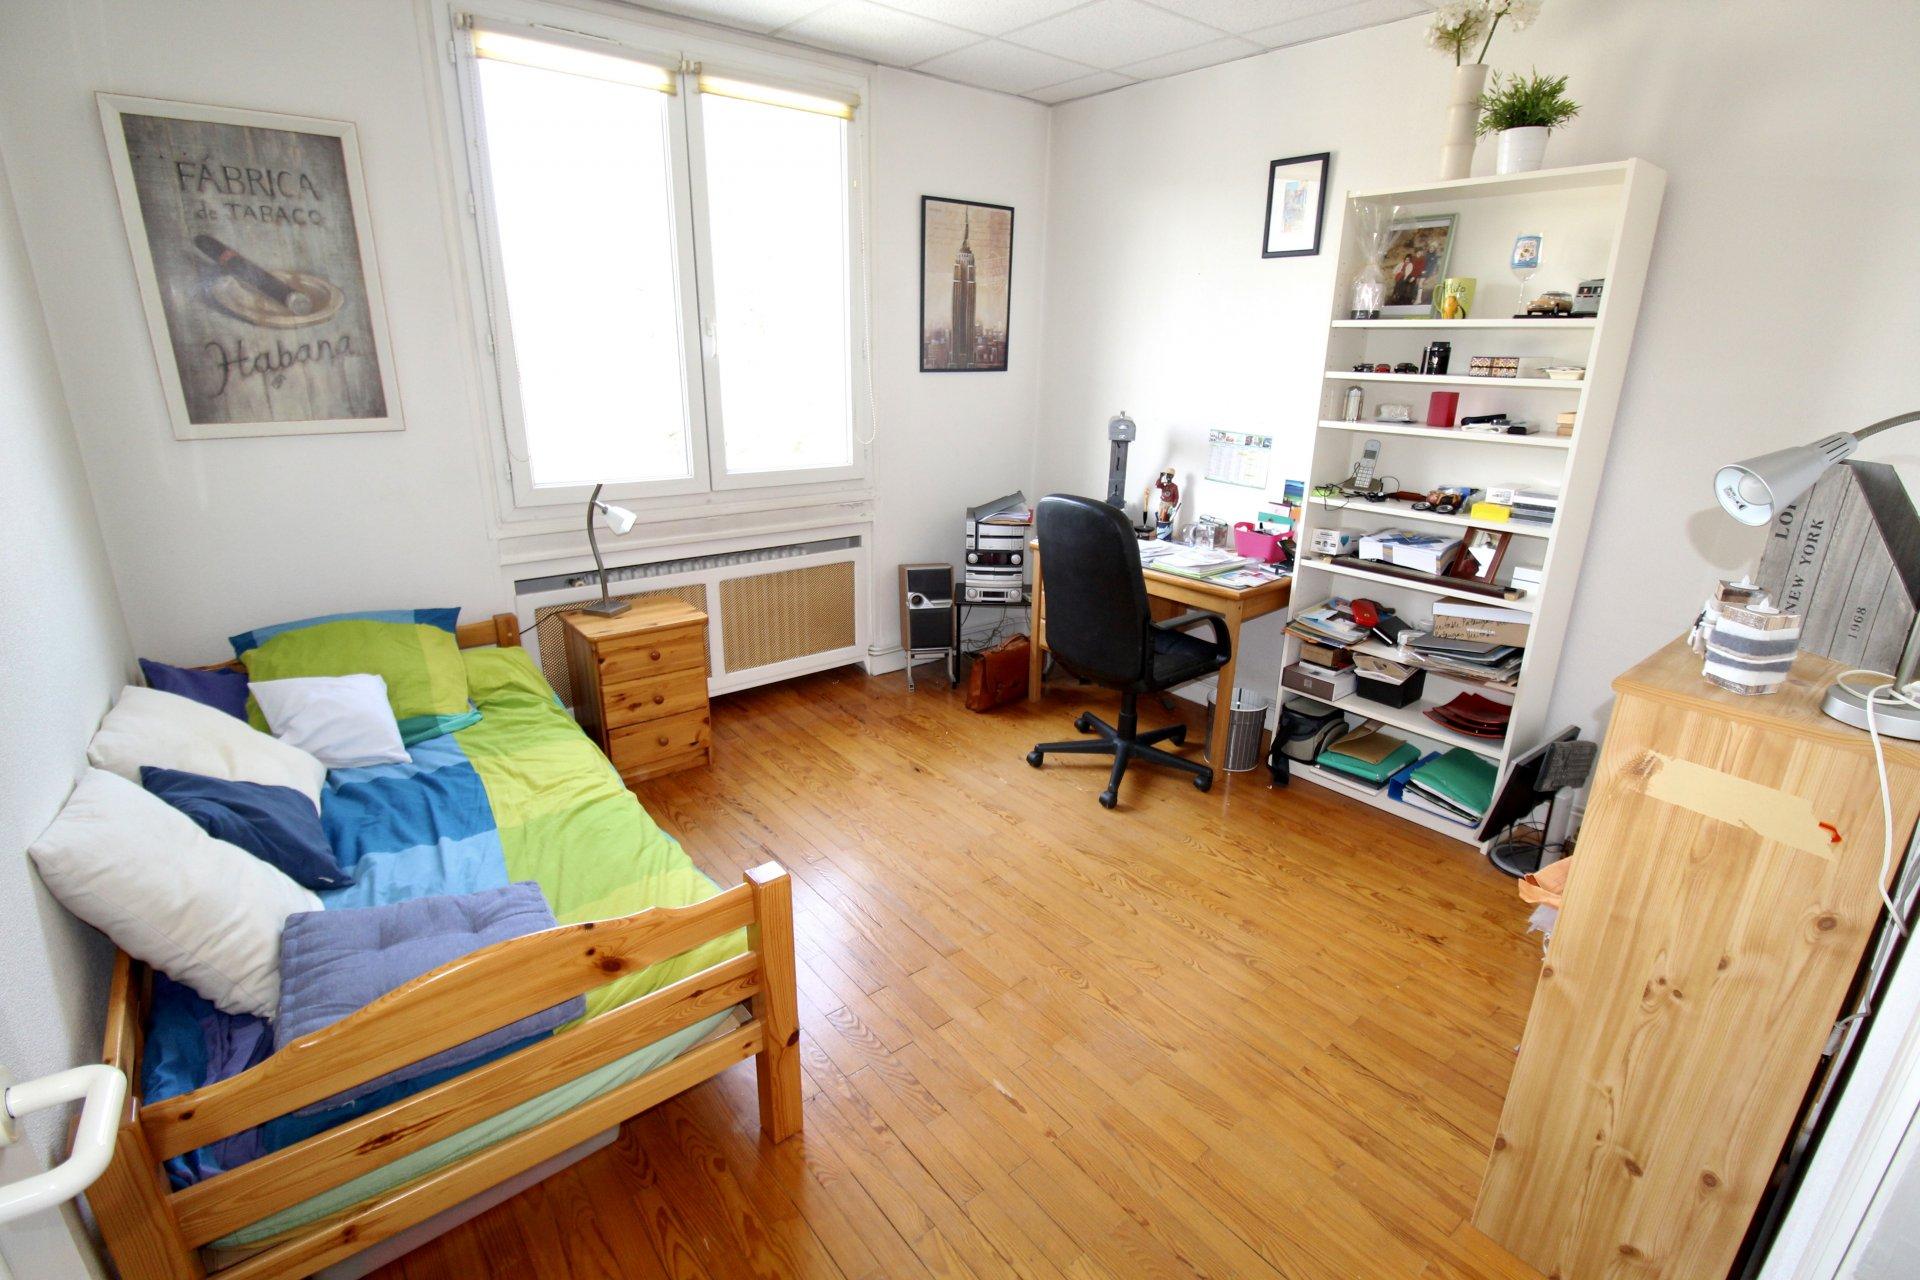 Appartement en duplex Saint-Etienne / Bel-Air 6 pièces 158m2 avec balcons et garages